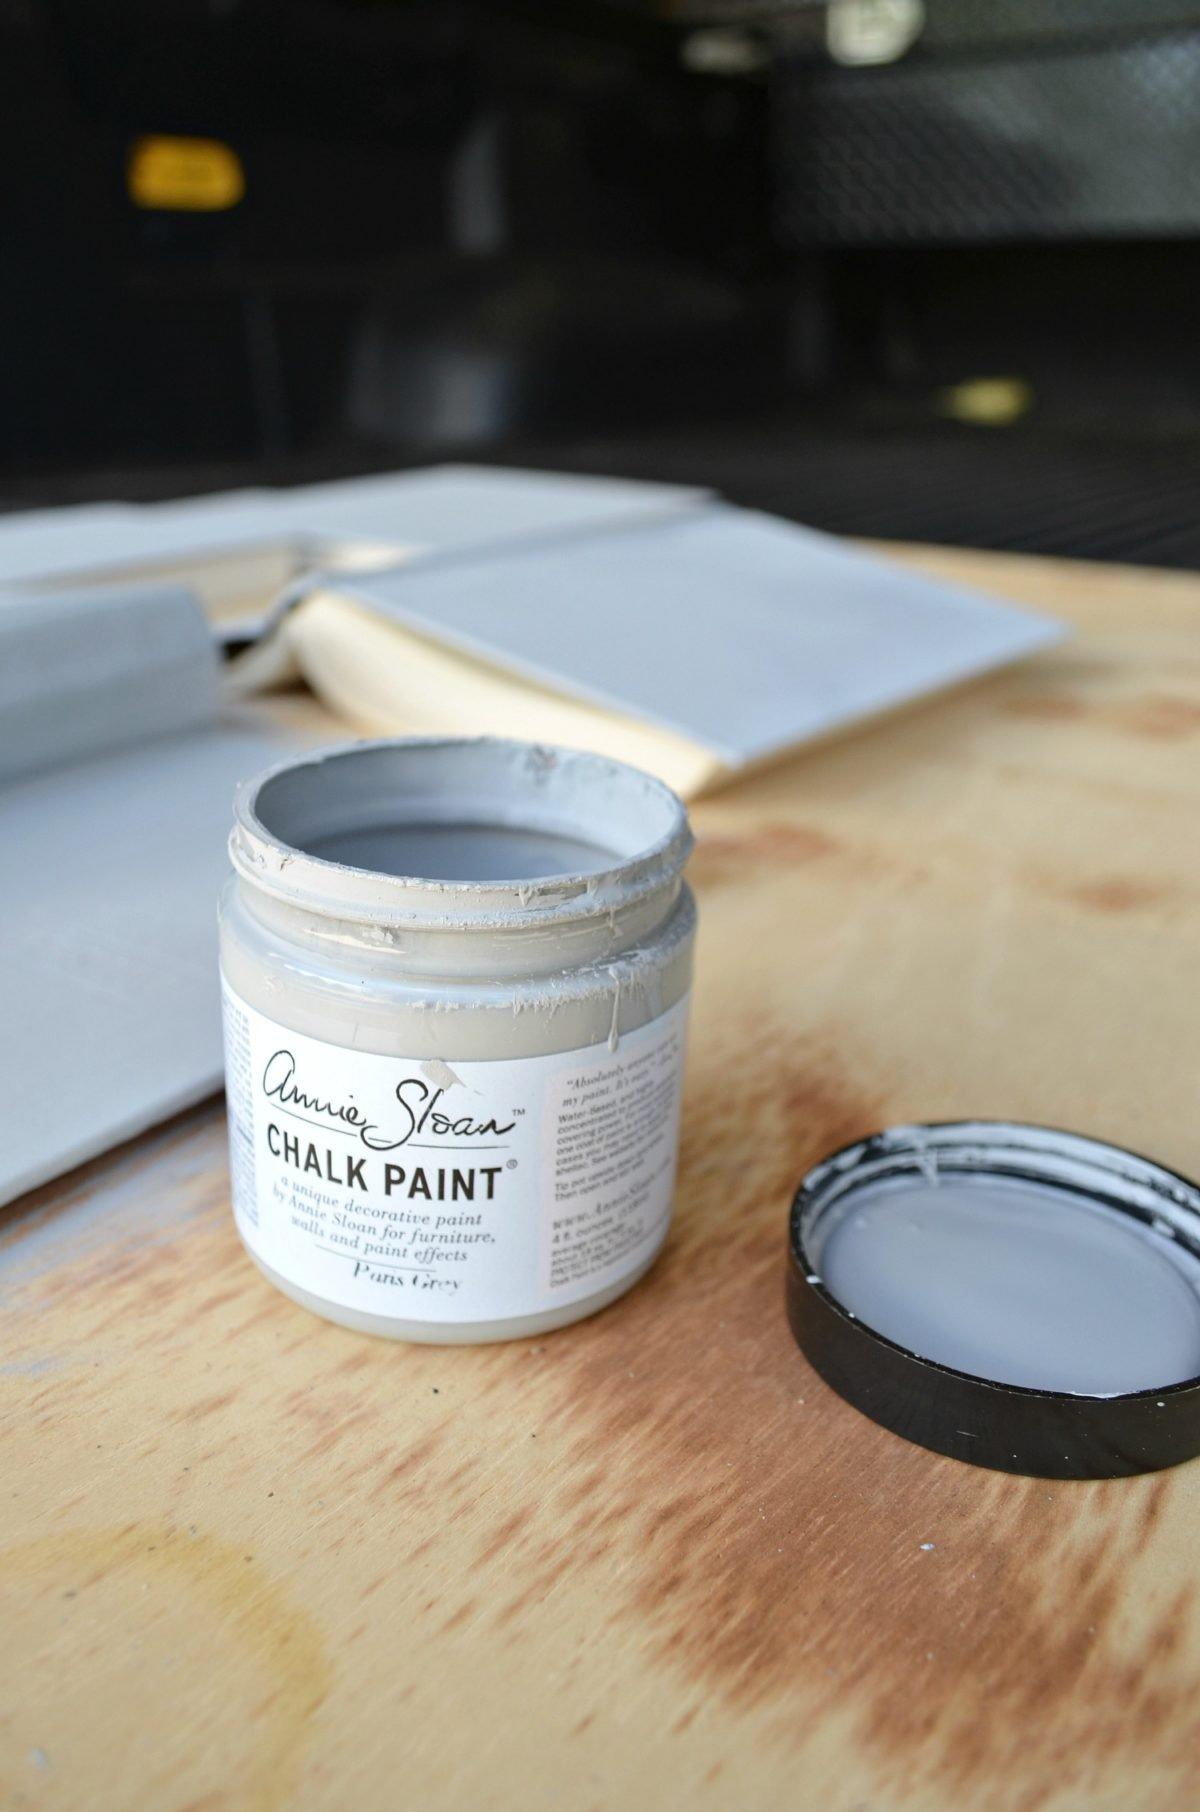 Paris Gray Chalk Paint